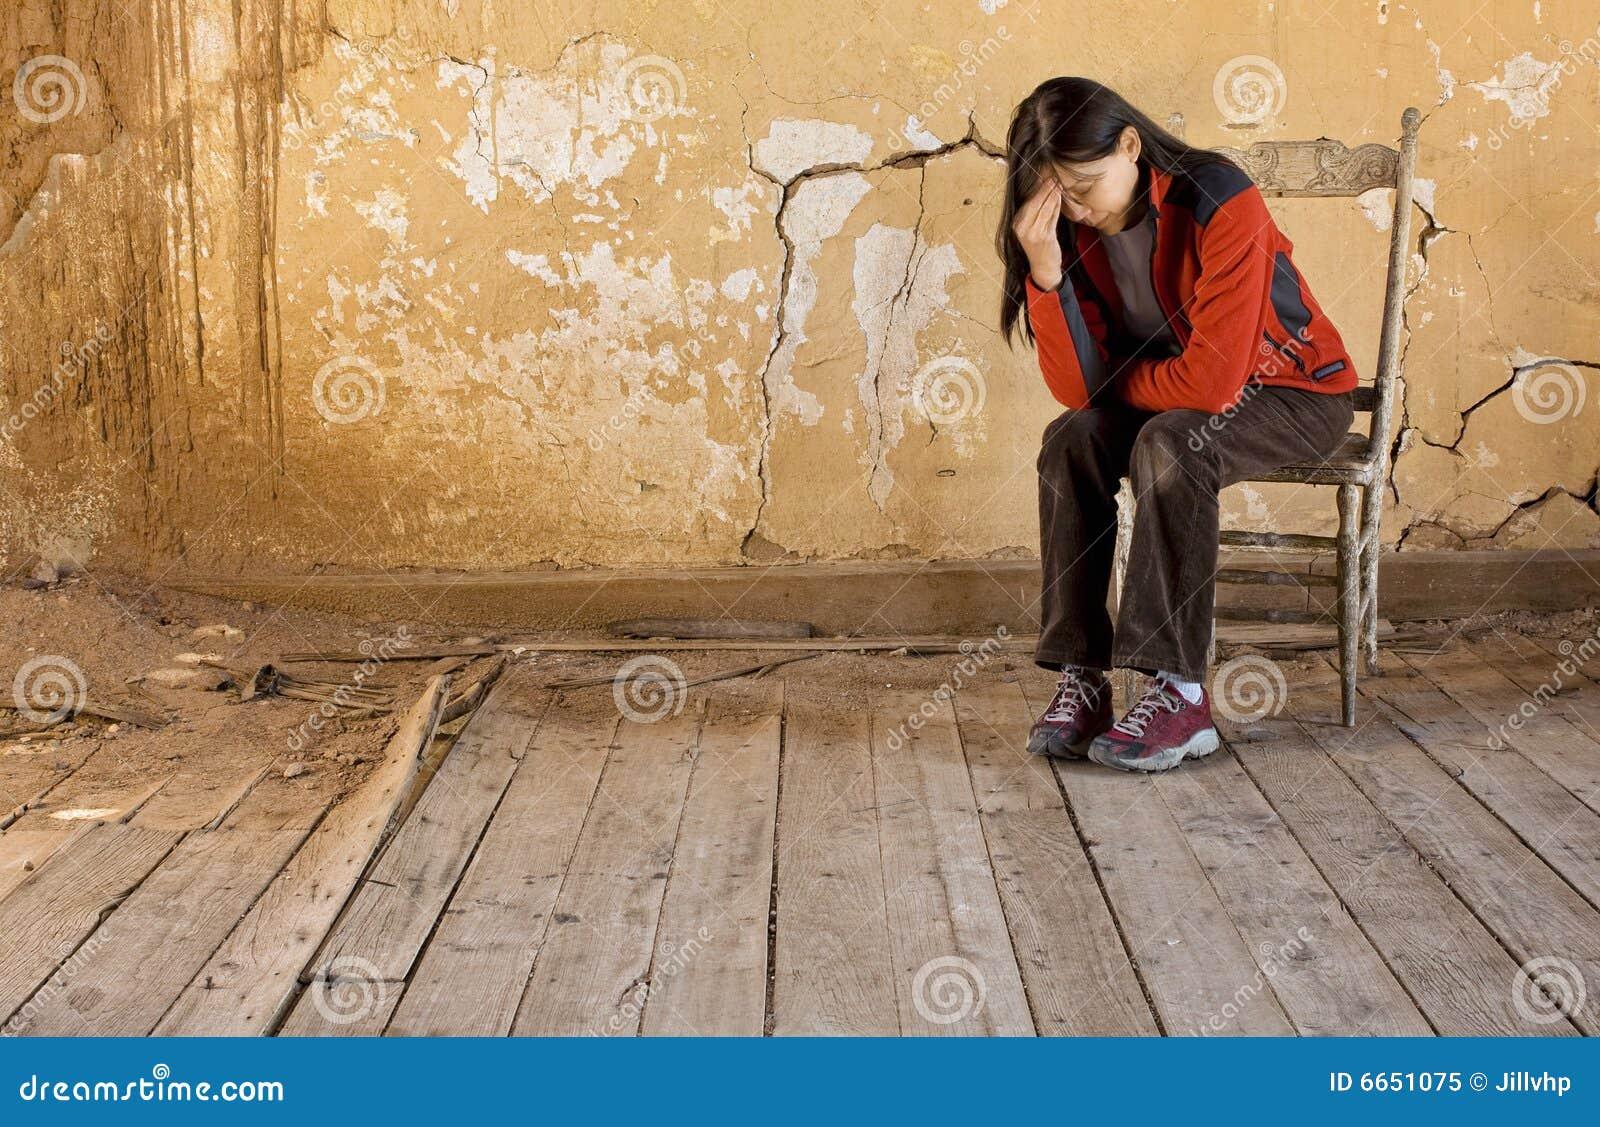 Depresión y dificultades